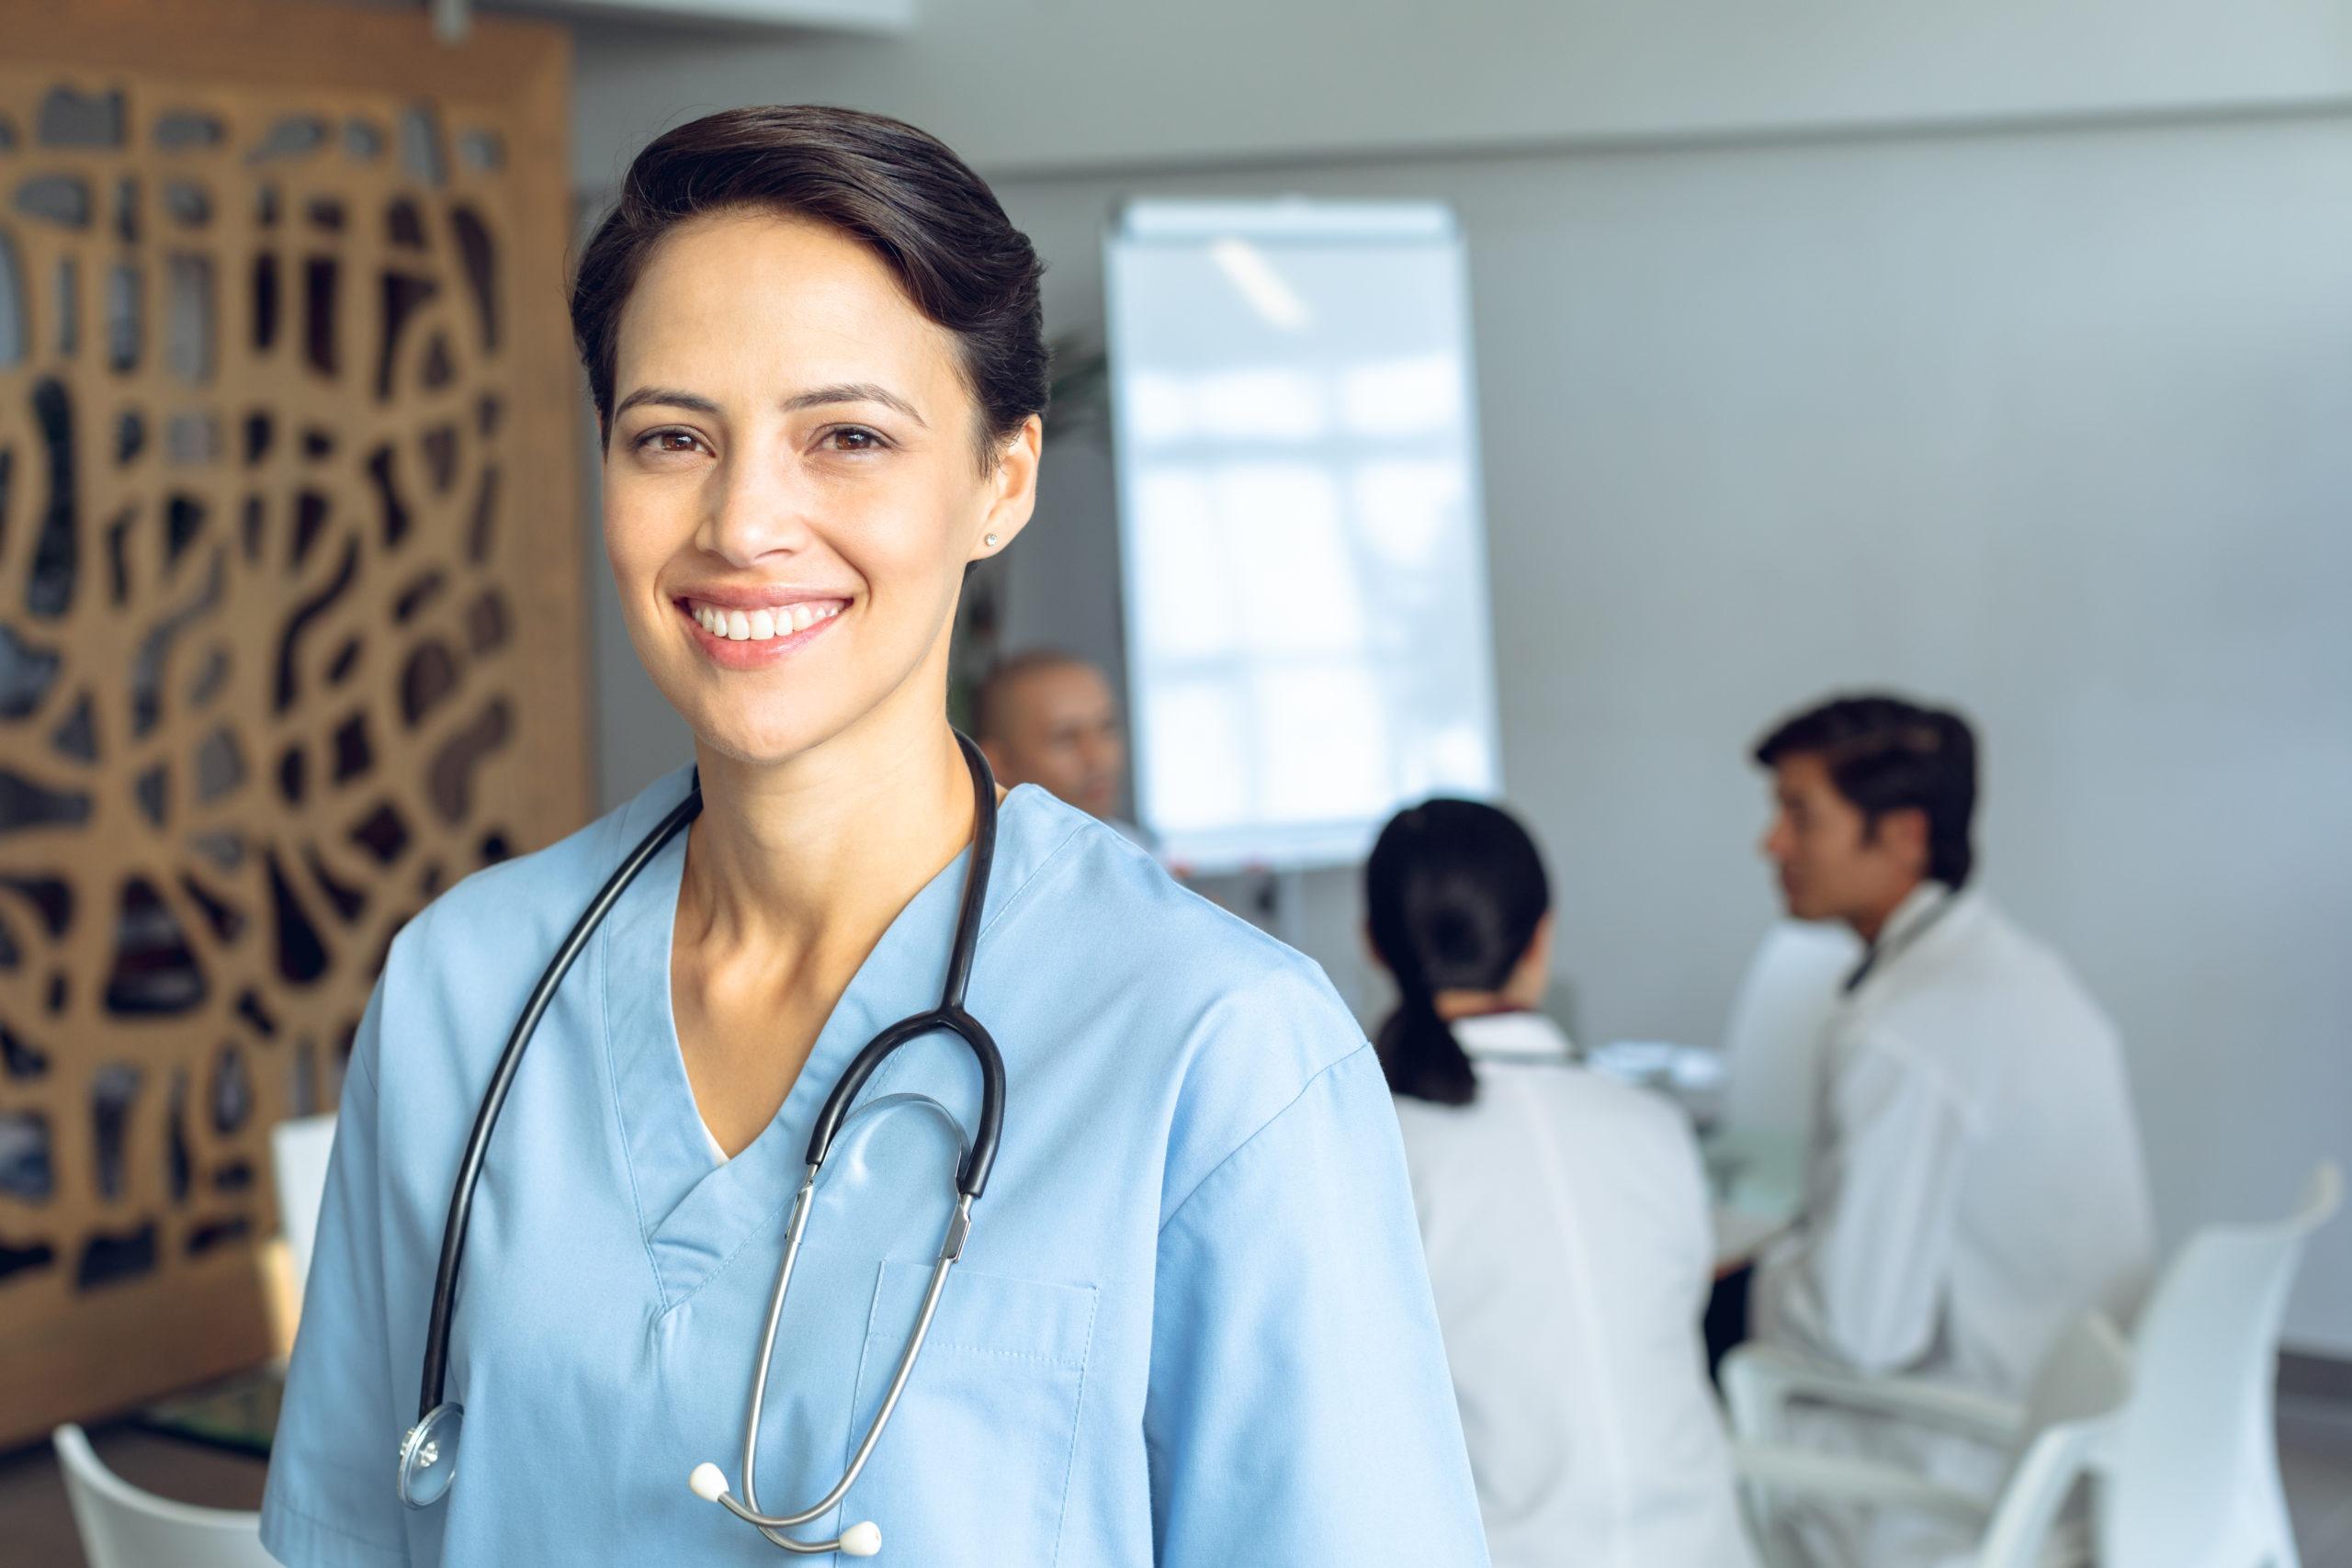 Pleased Nurse Smiling